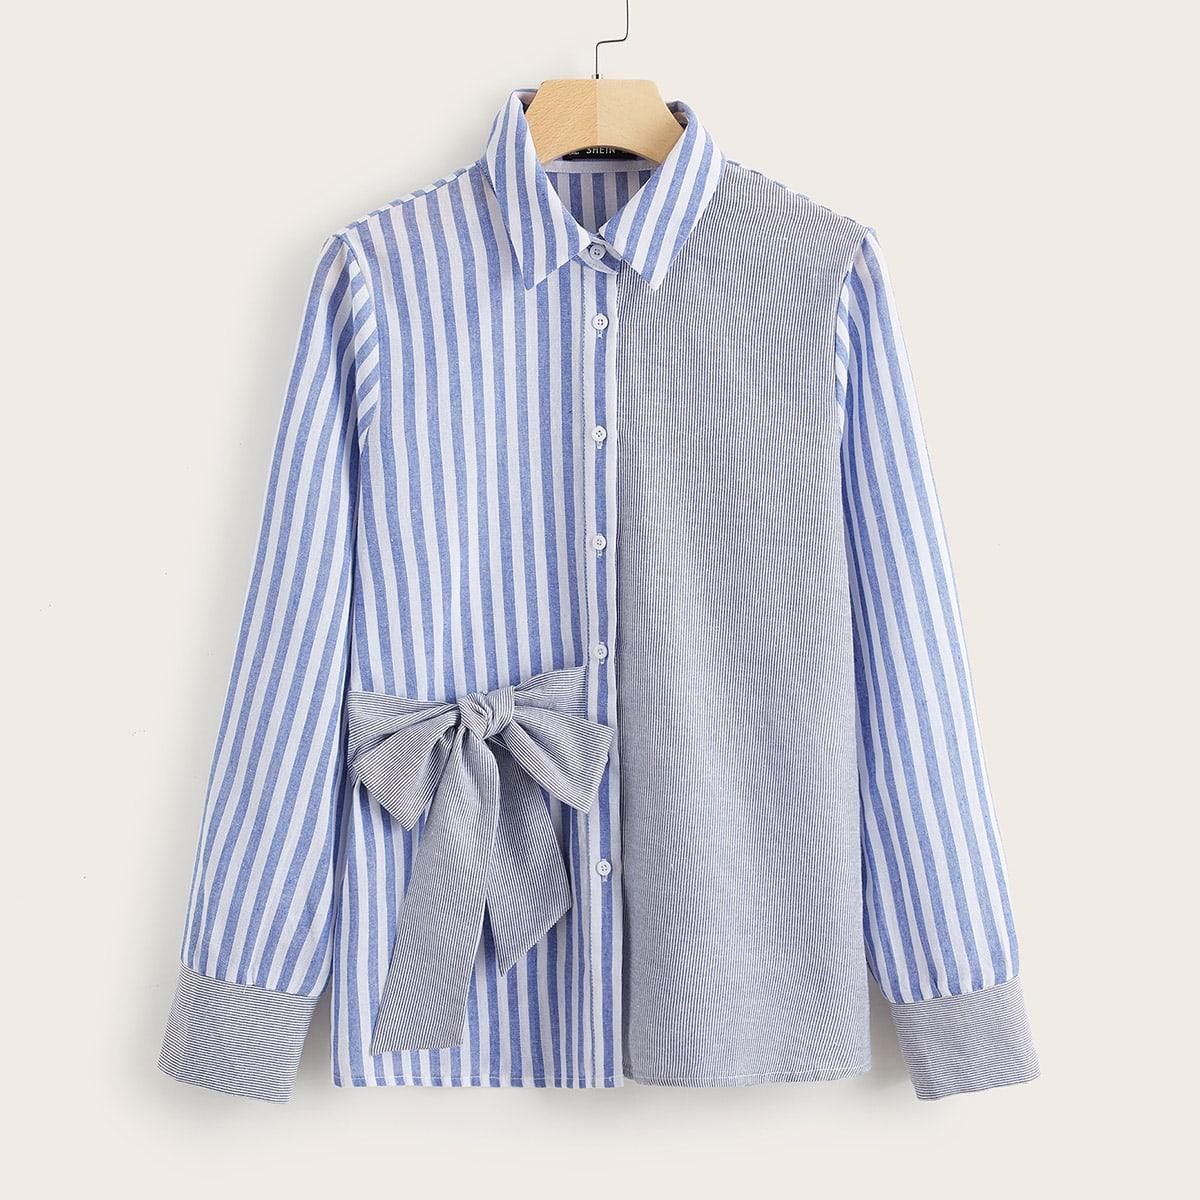 SHEIN / Bluse mit Knoten Detail und Streifen